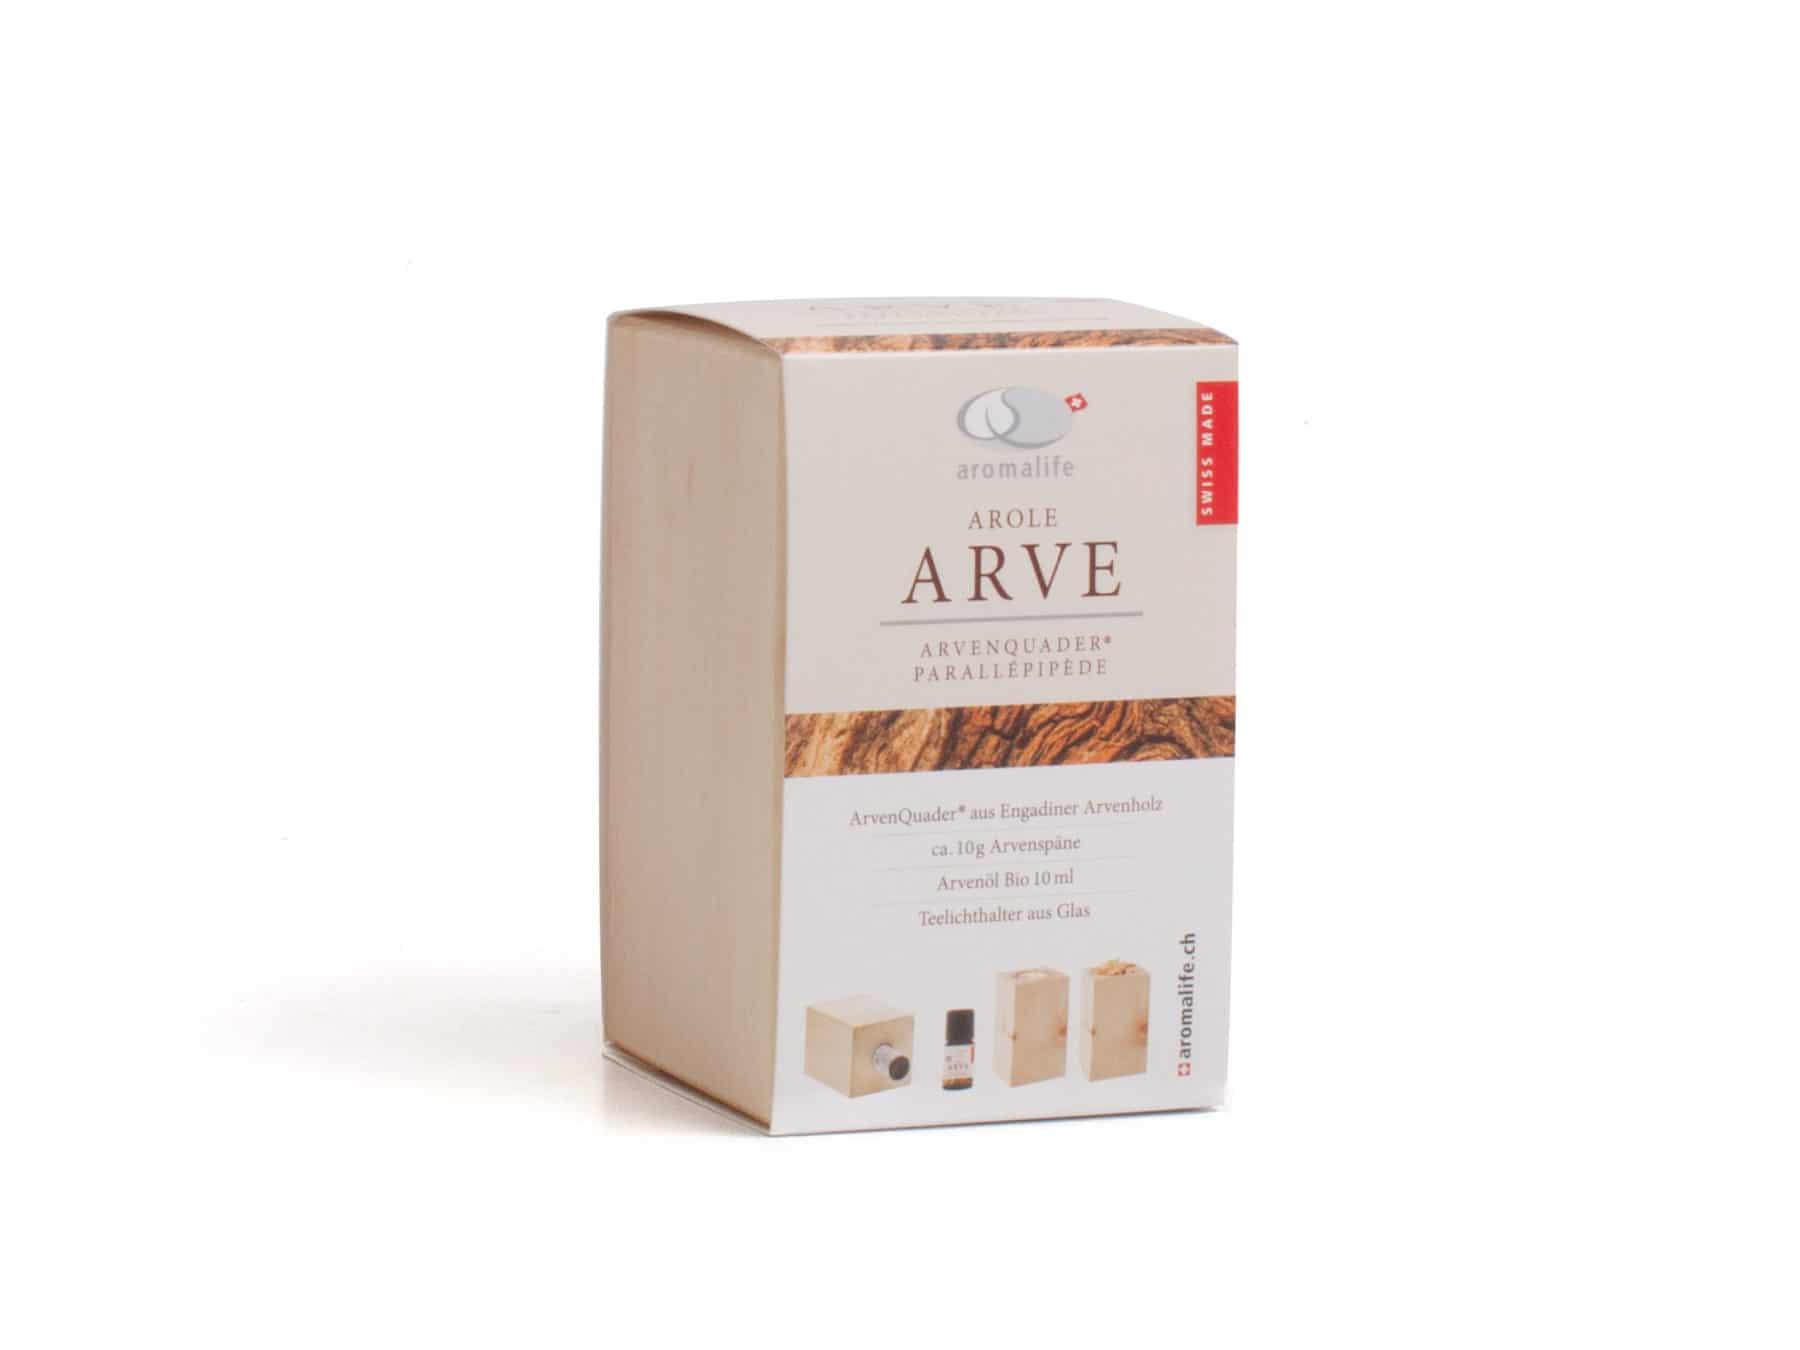 Arven Quader Arvenoel Bio-Arvenöl Arven-Set aromalife KURTs.ch